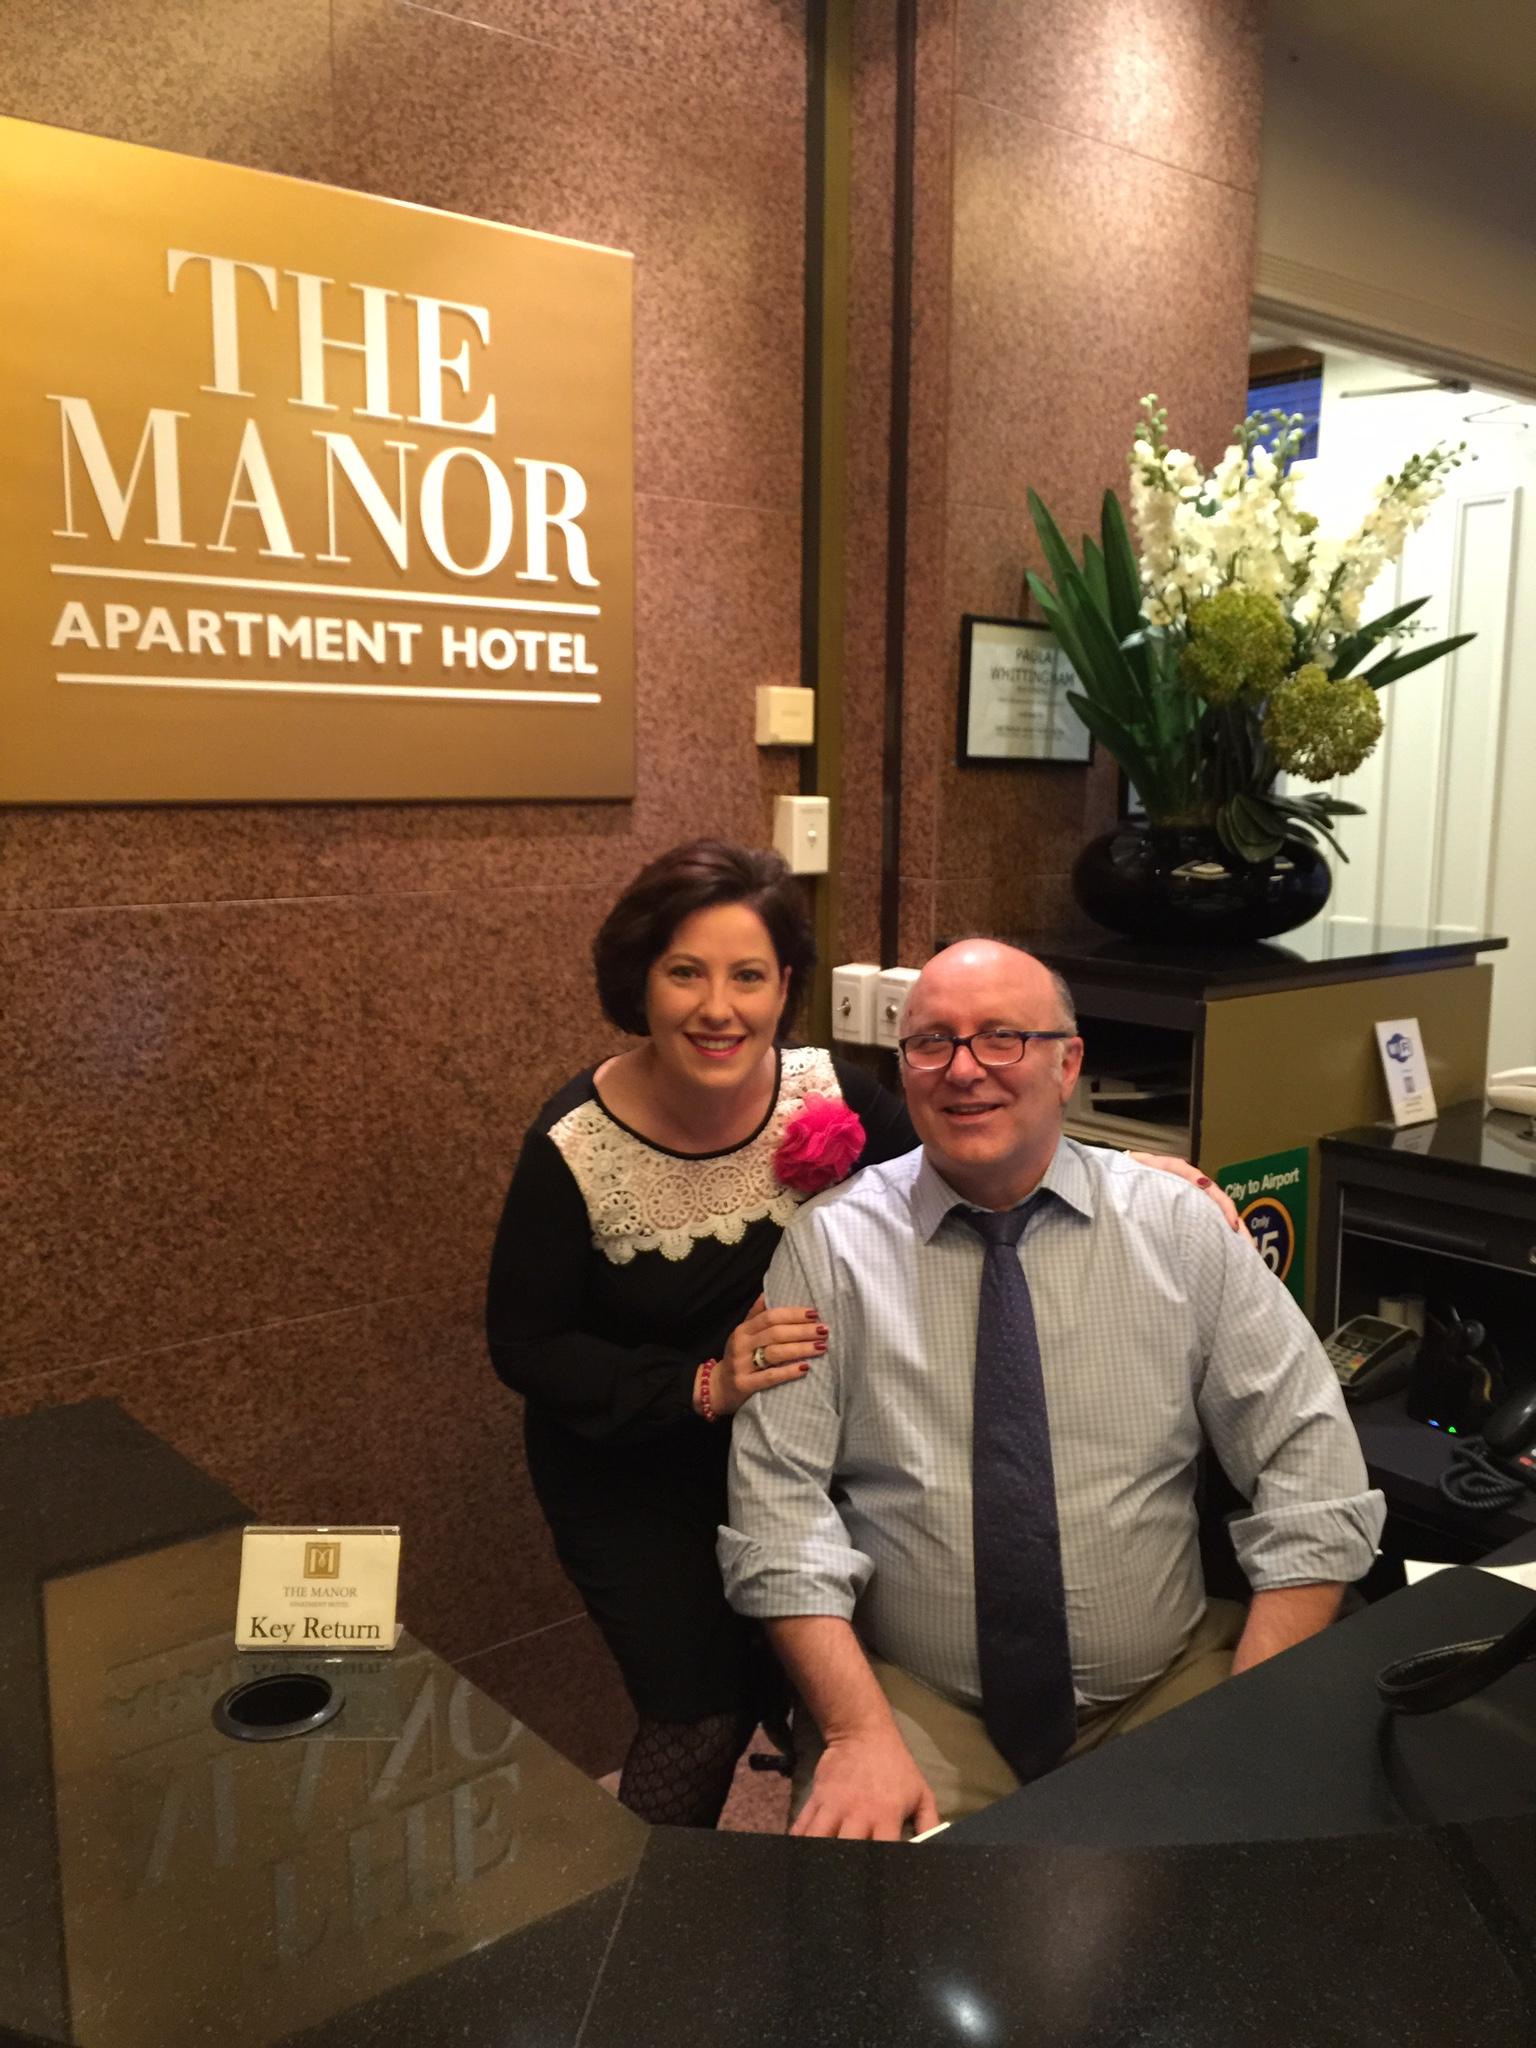 Meeting a customer servicel legend!